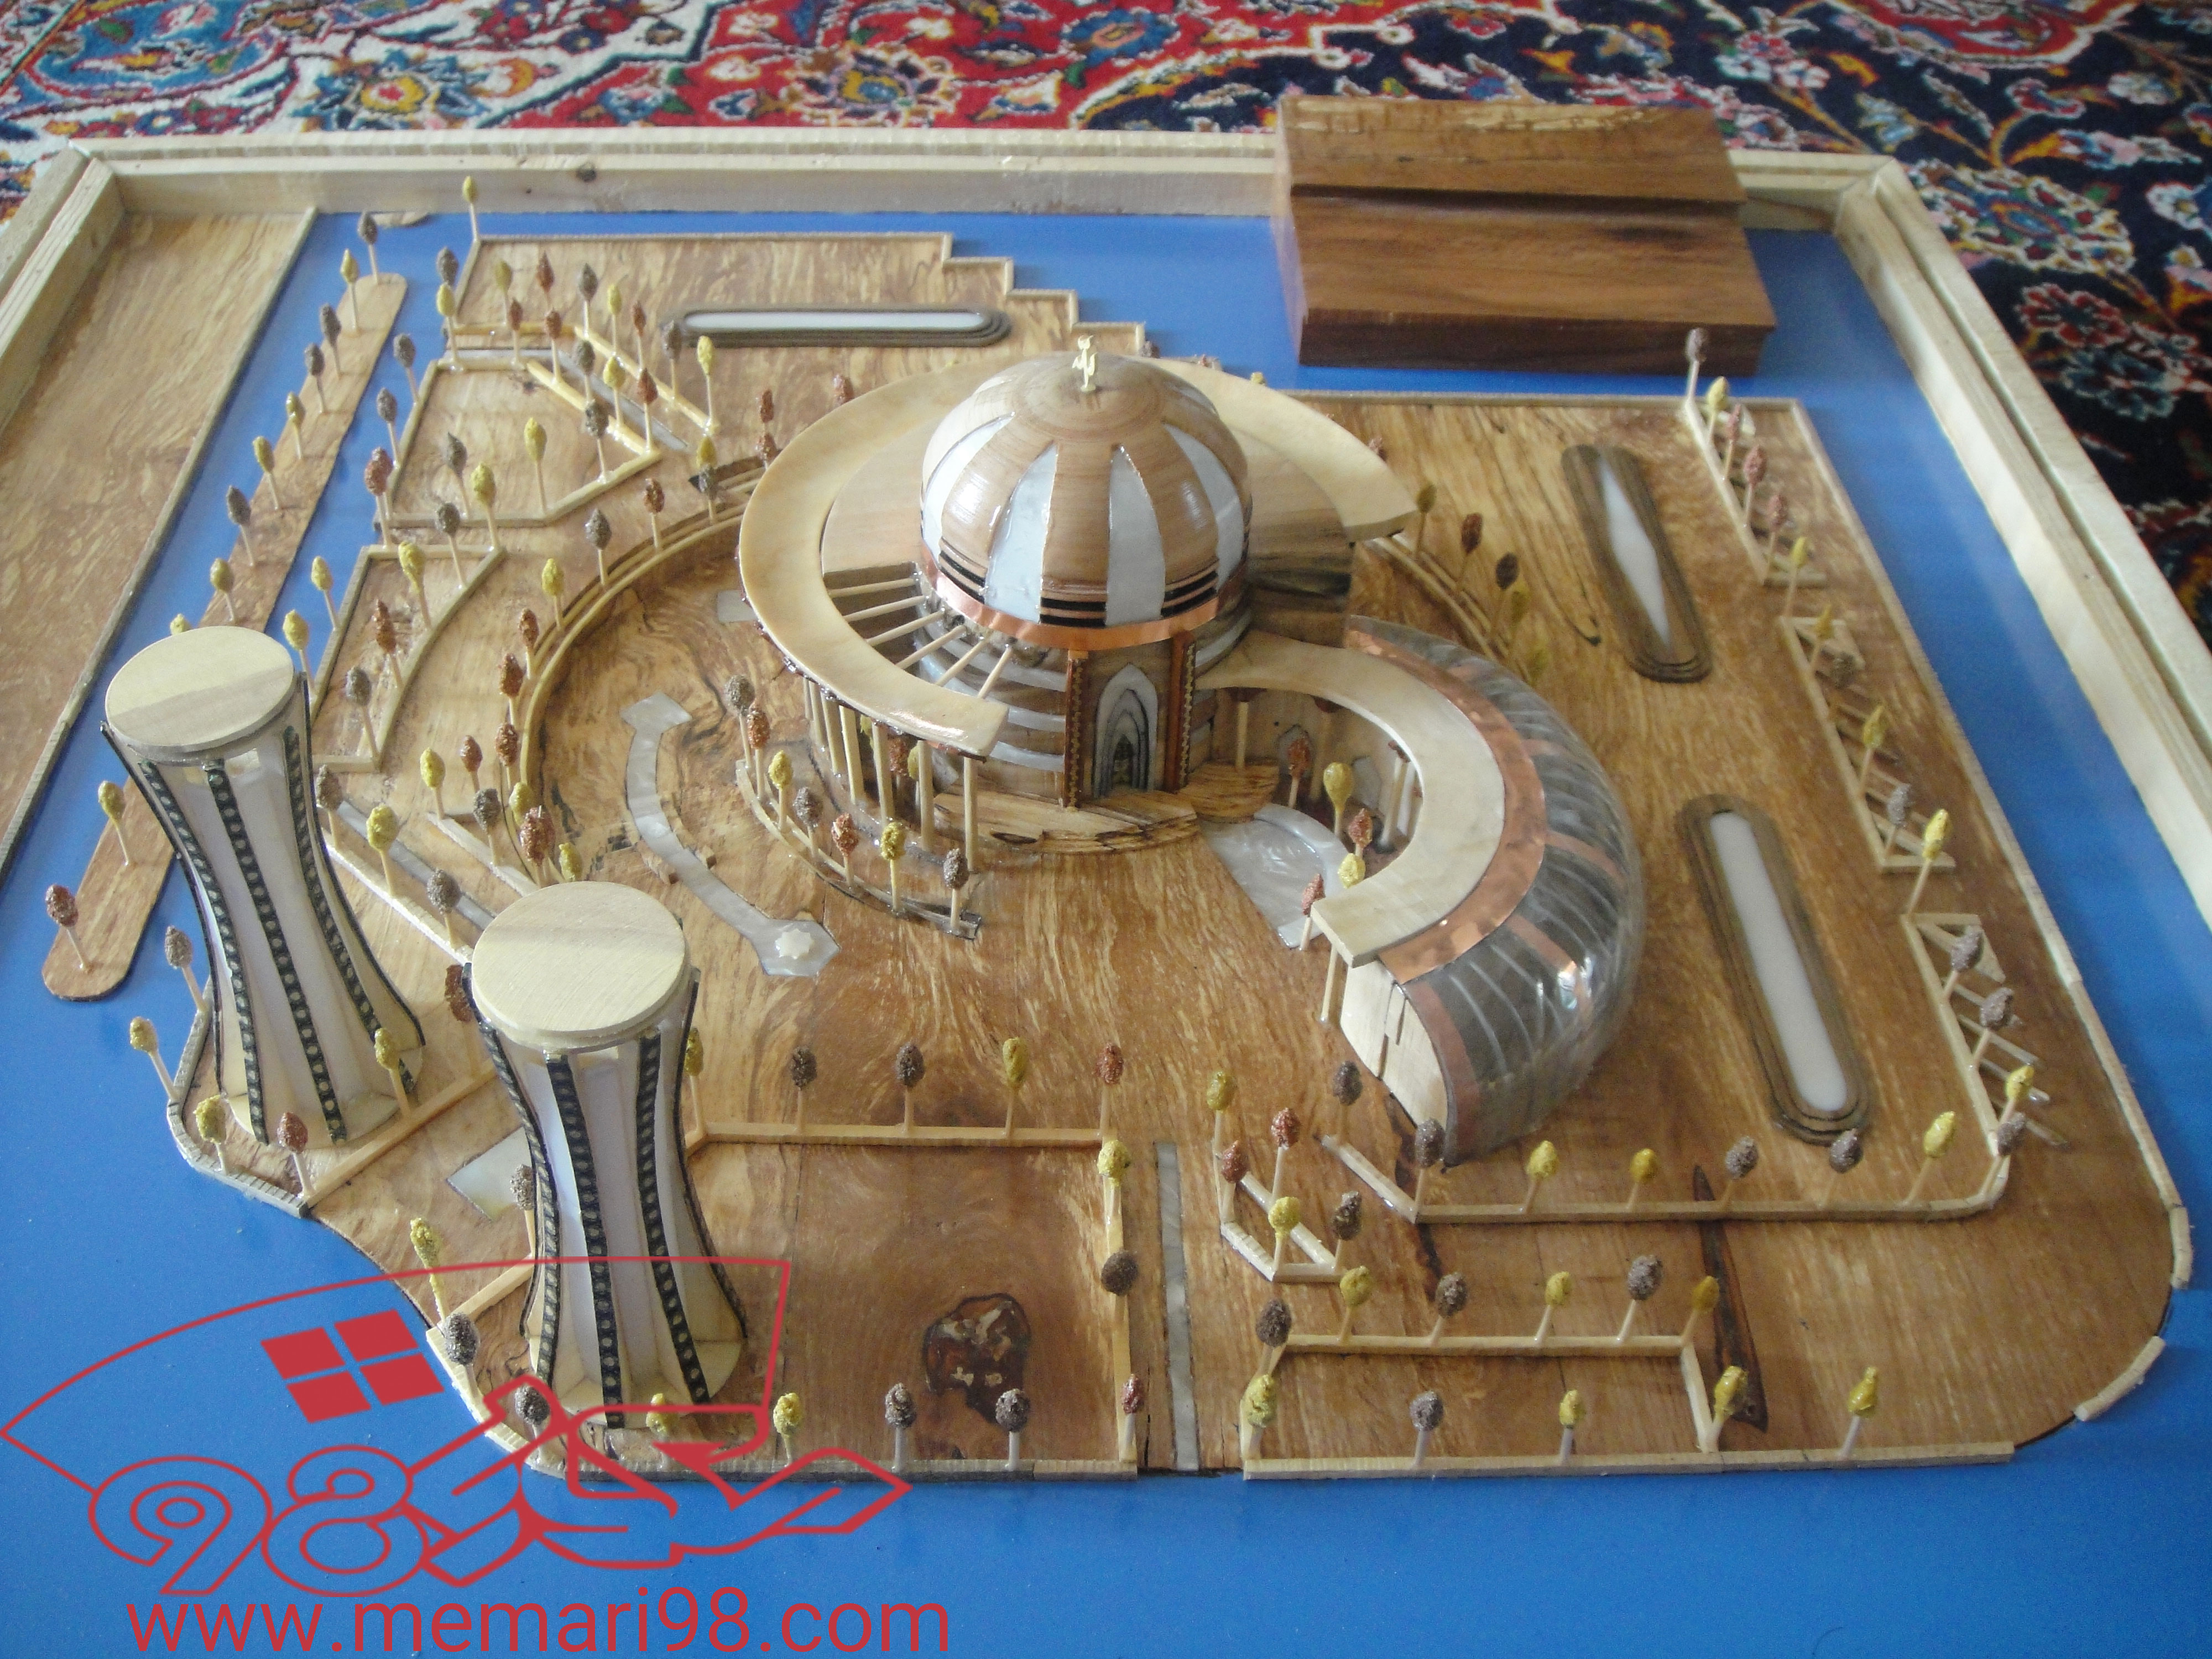 رساله مسجد (رساله -اتوکد-سه بعدی-رندر-پوستر-اتود اولیه-آنالیز-ماکت-vip-ppt )